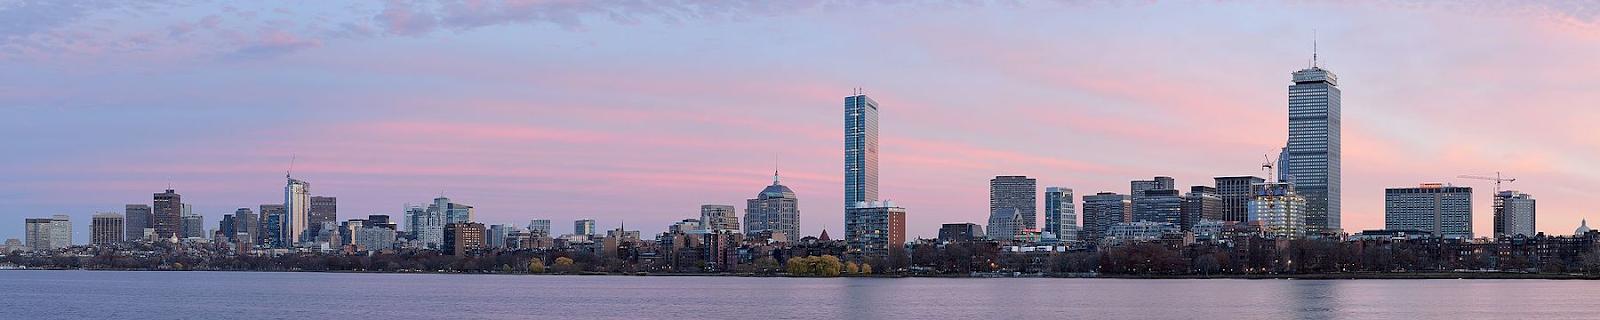 Boston skyline from MIT